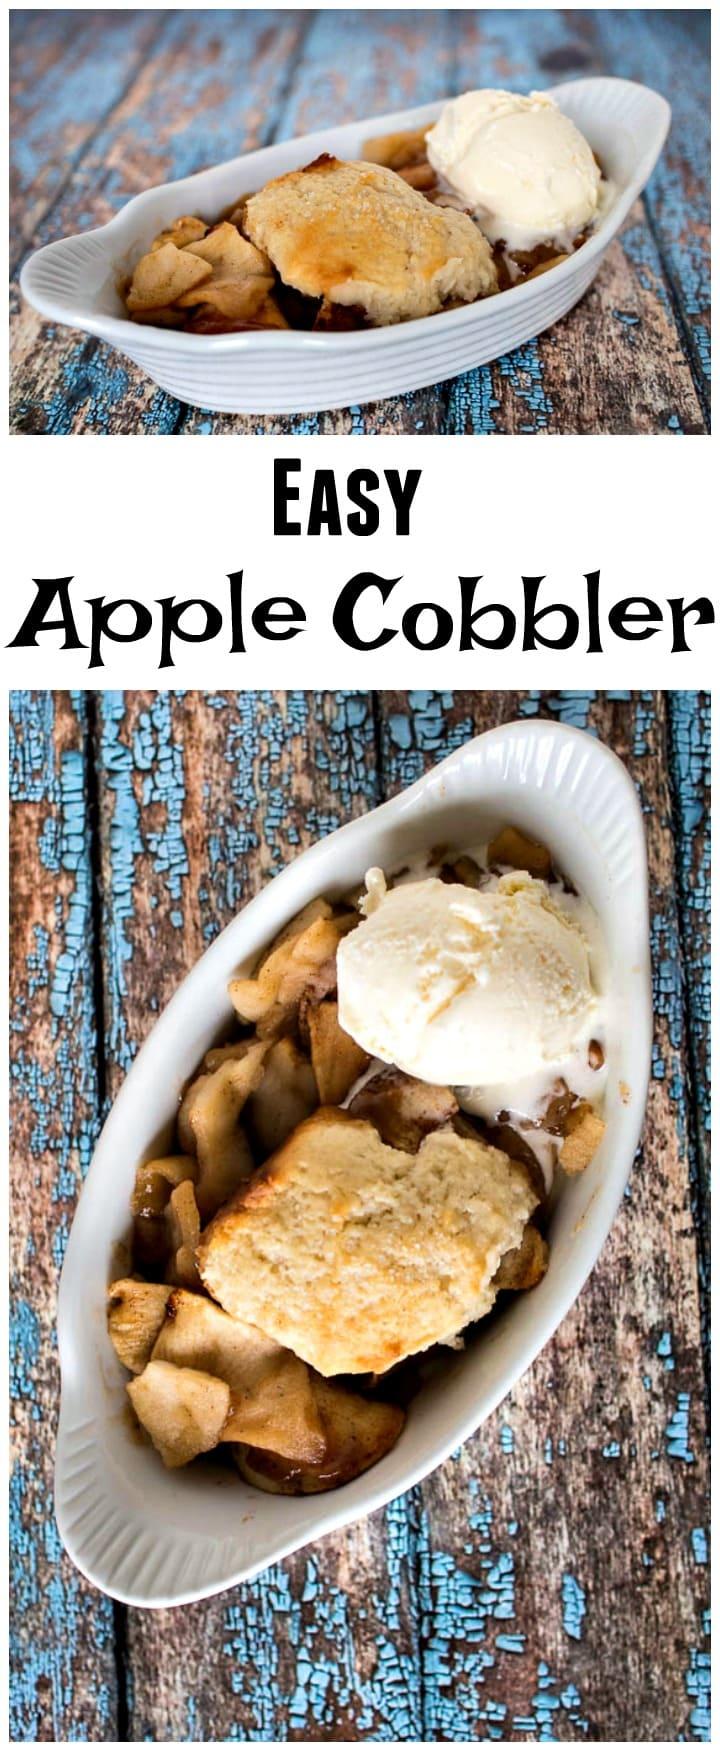 Easy Apple Cobbler Recipe | Apple Cobbler from Scratch | Homemade Apple Cobbler | Southern Apple Cobbler